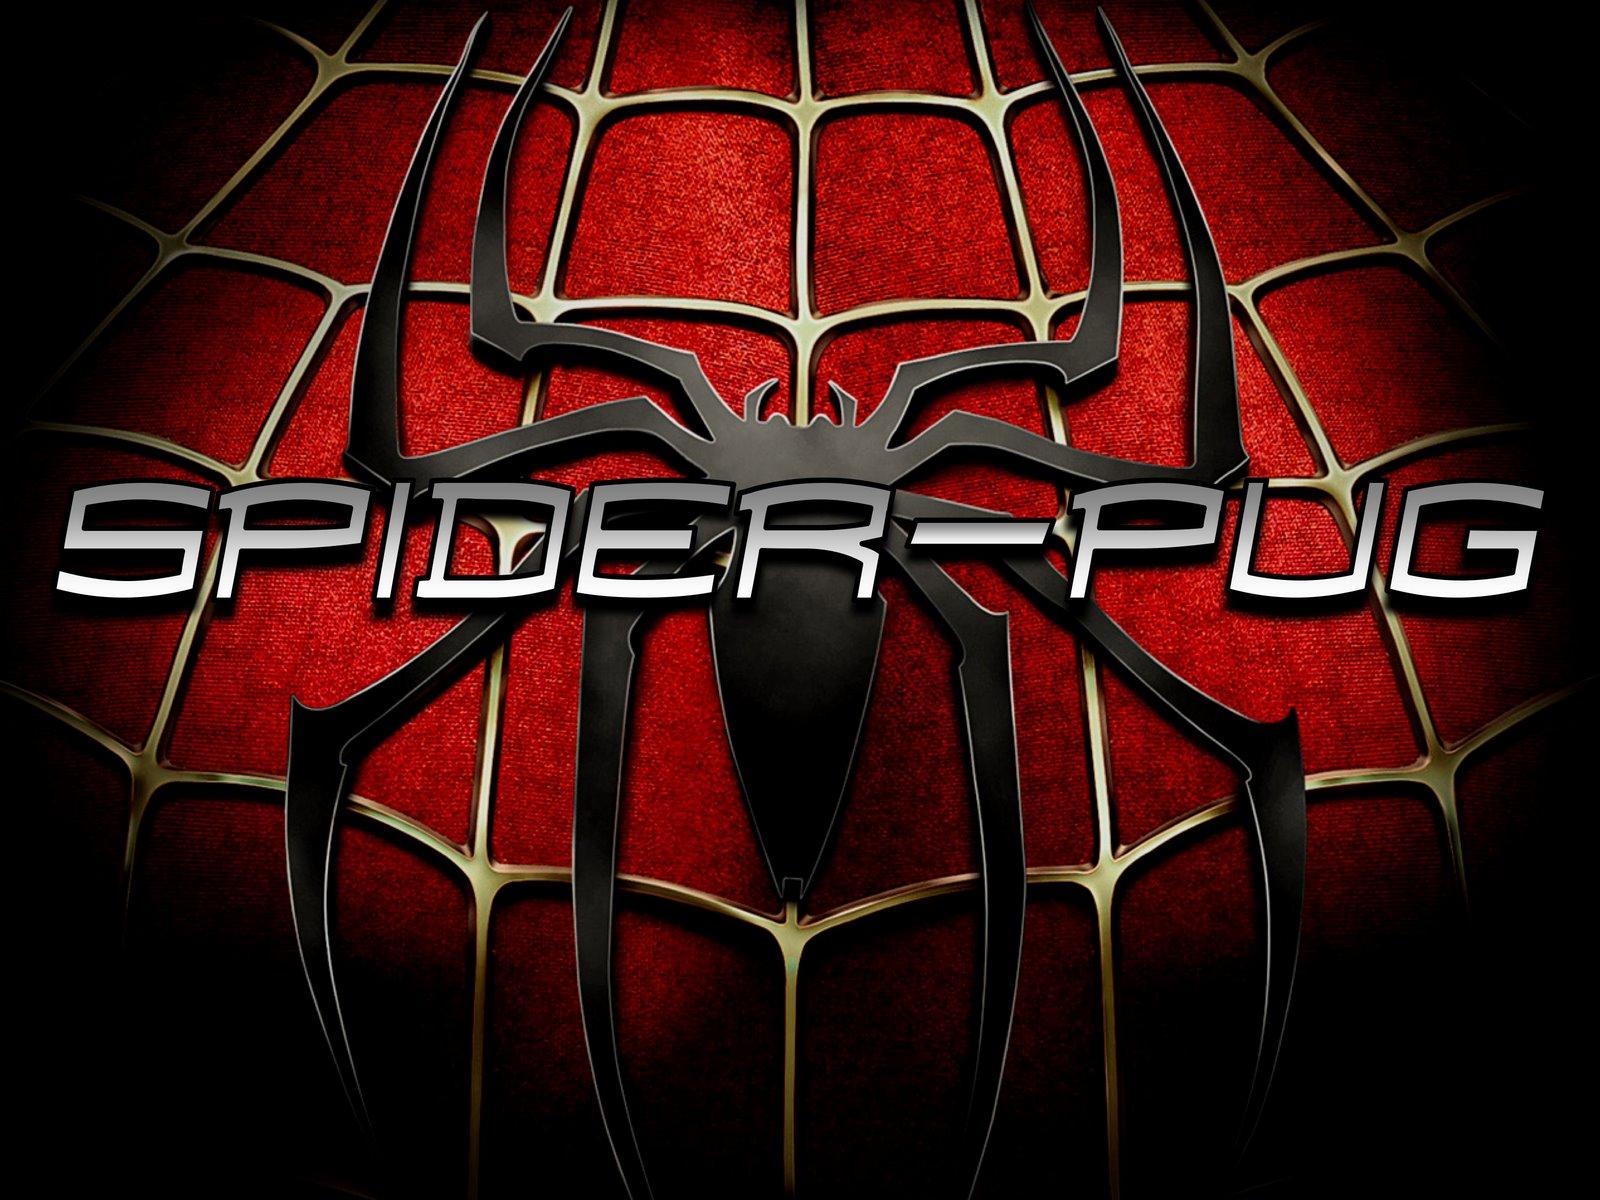 [Spider-Pug]